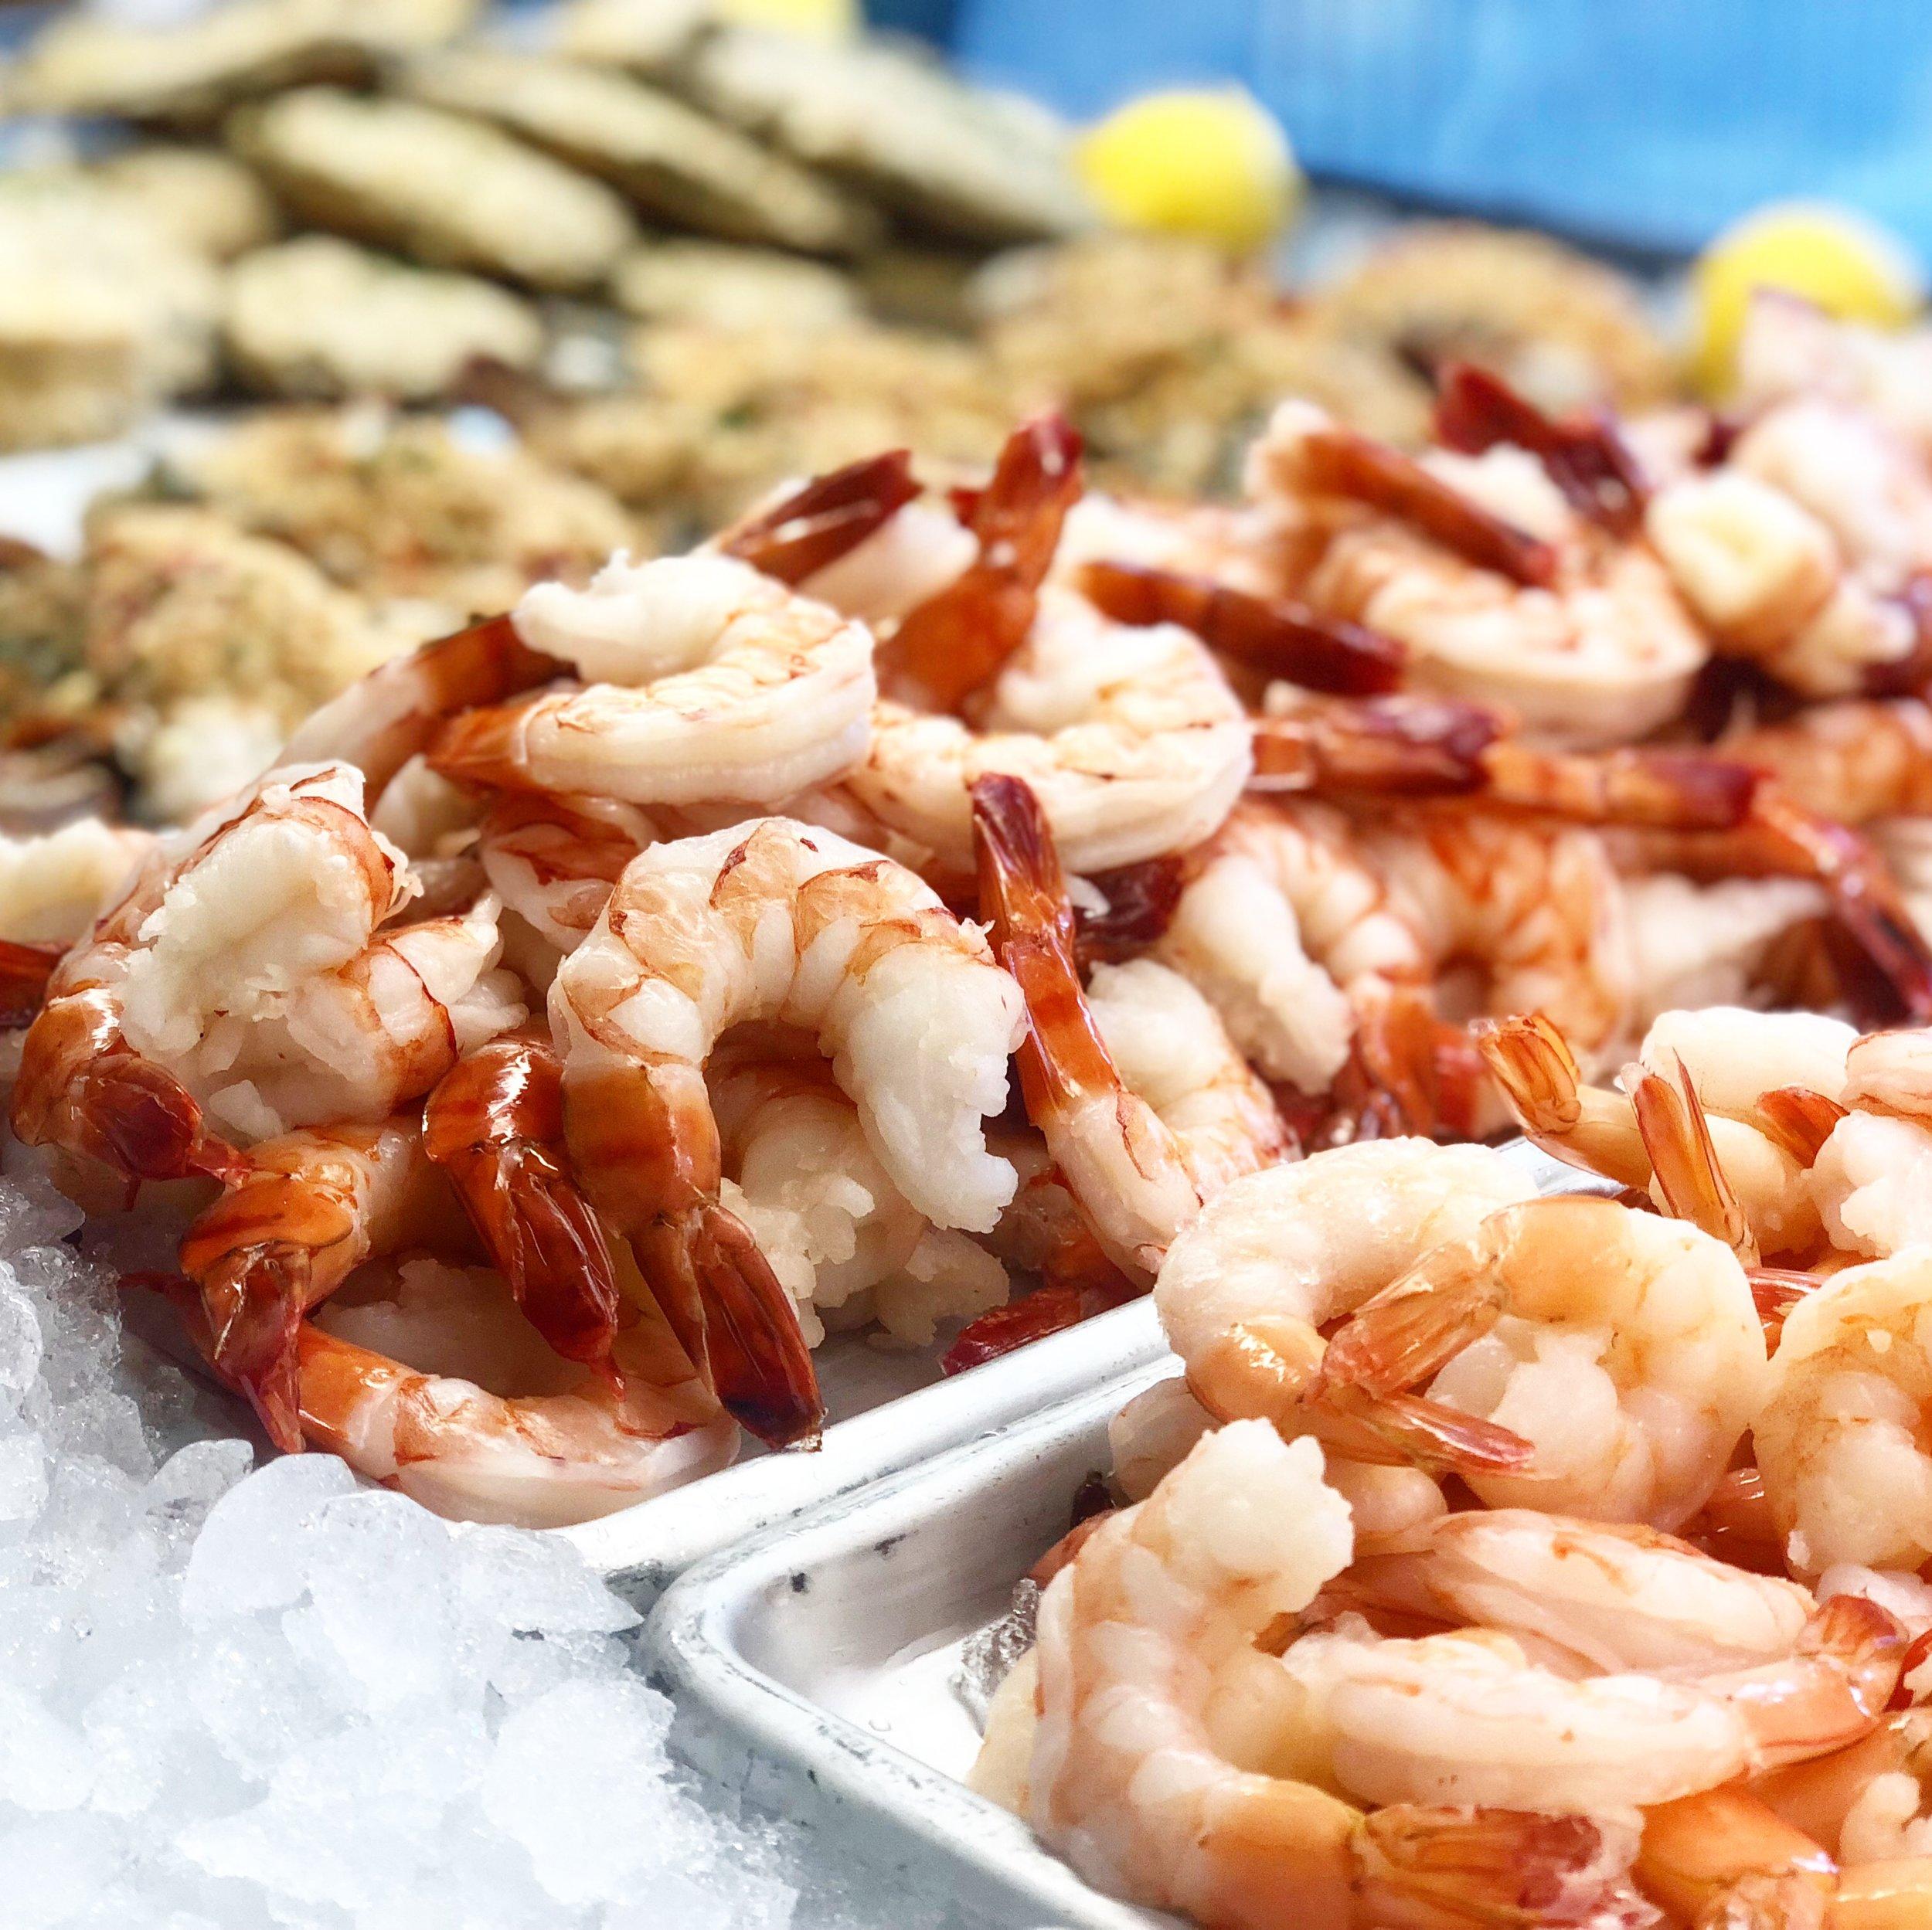 Shrimp Cocktail, various sizes